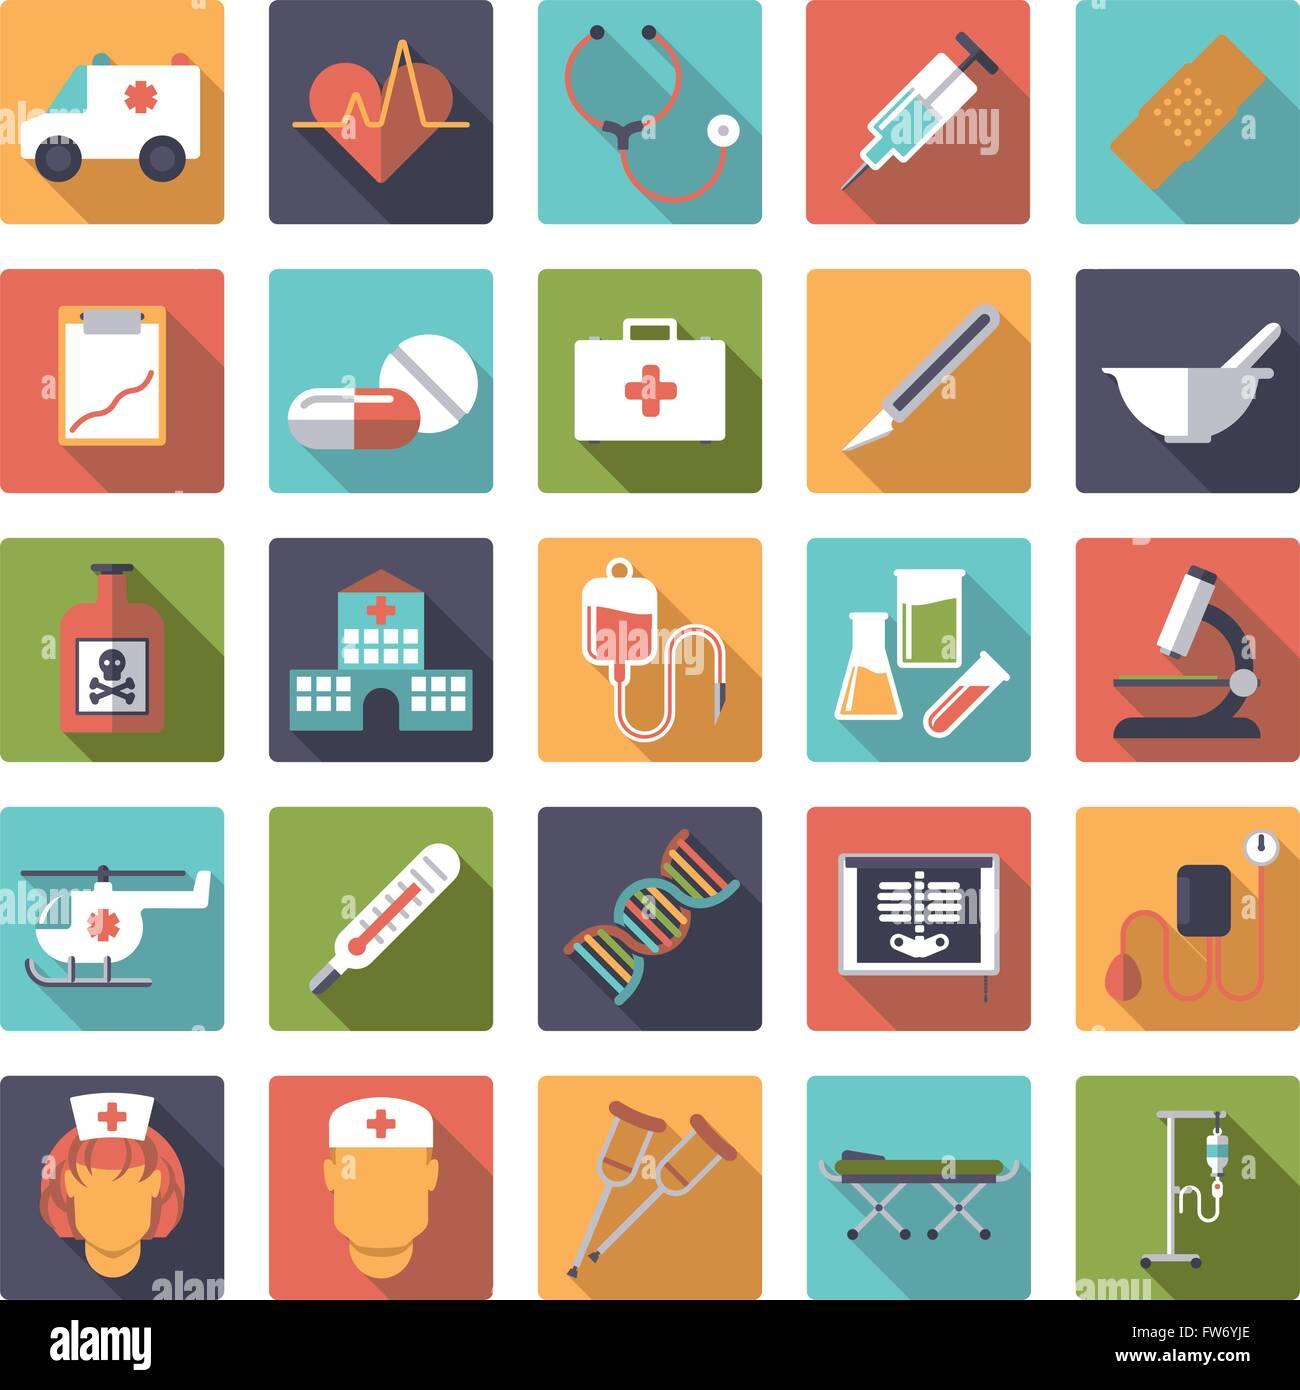 Modèle plat long shadow liés aux soins de santé et médicaux en icônes carrés arrondis Photo Stock